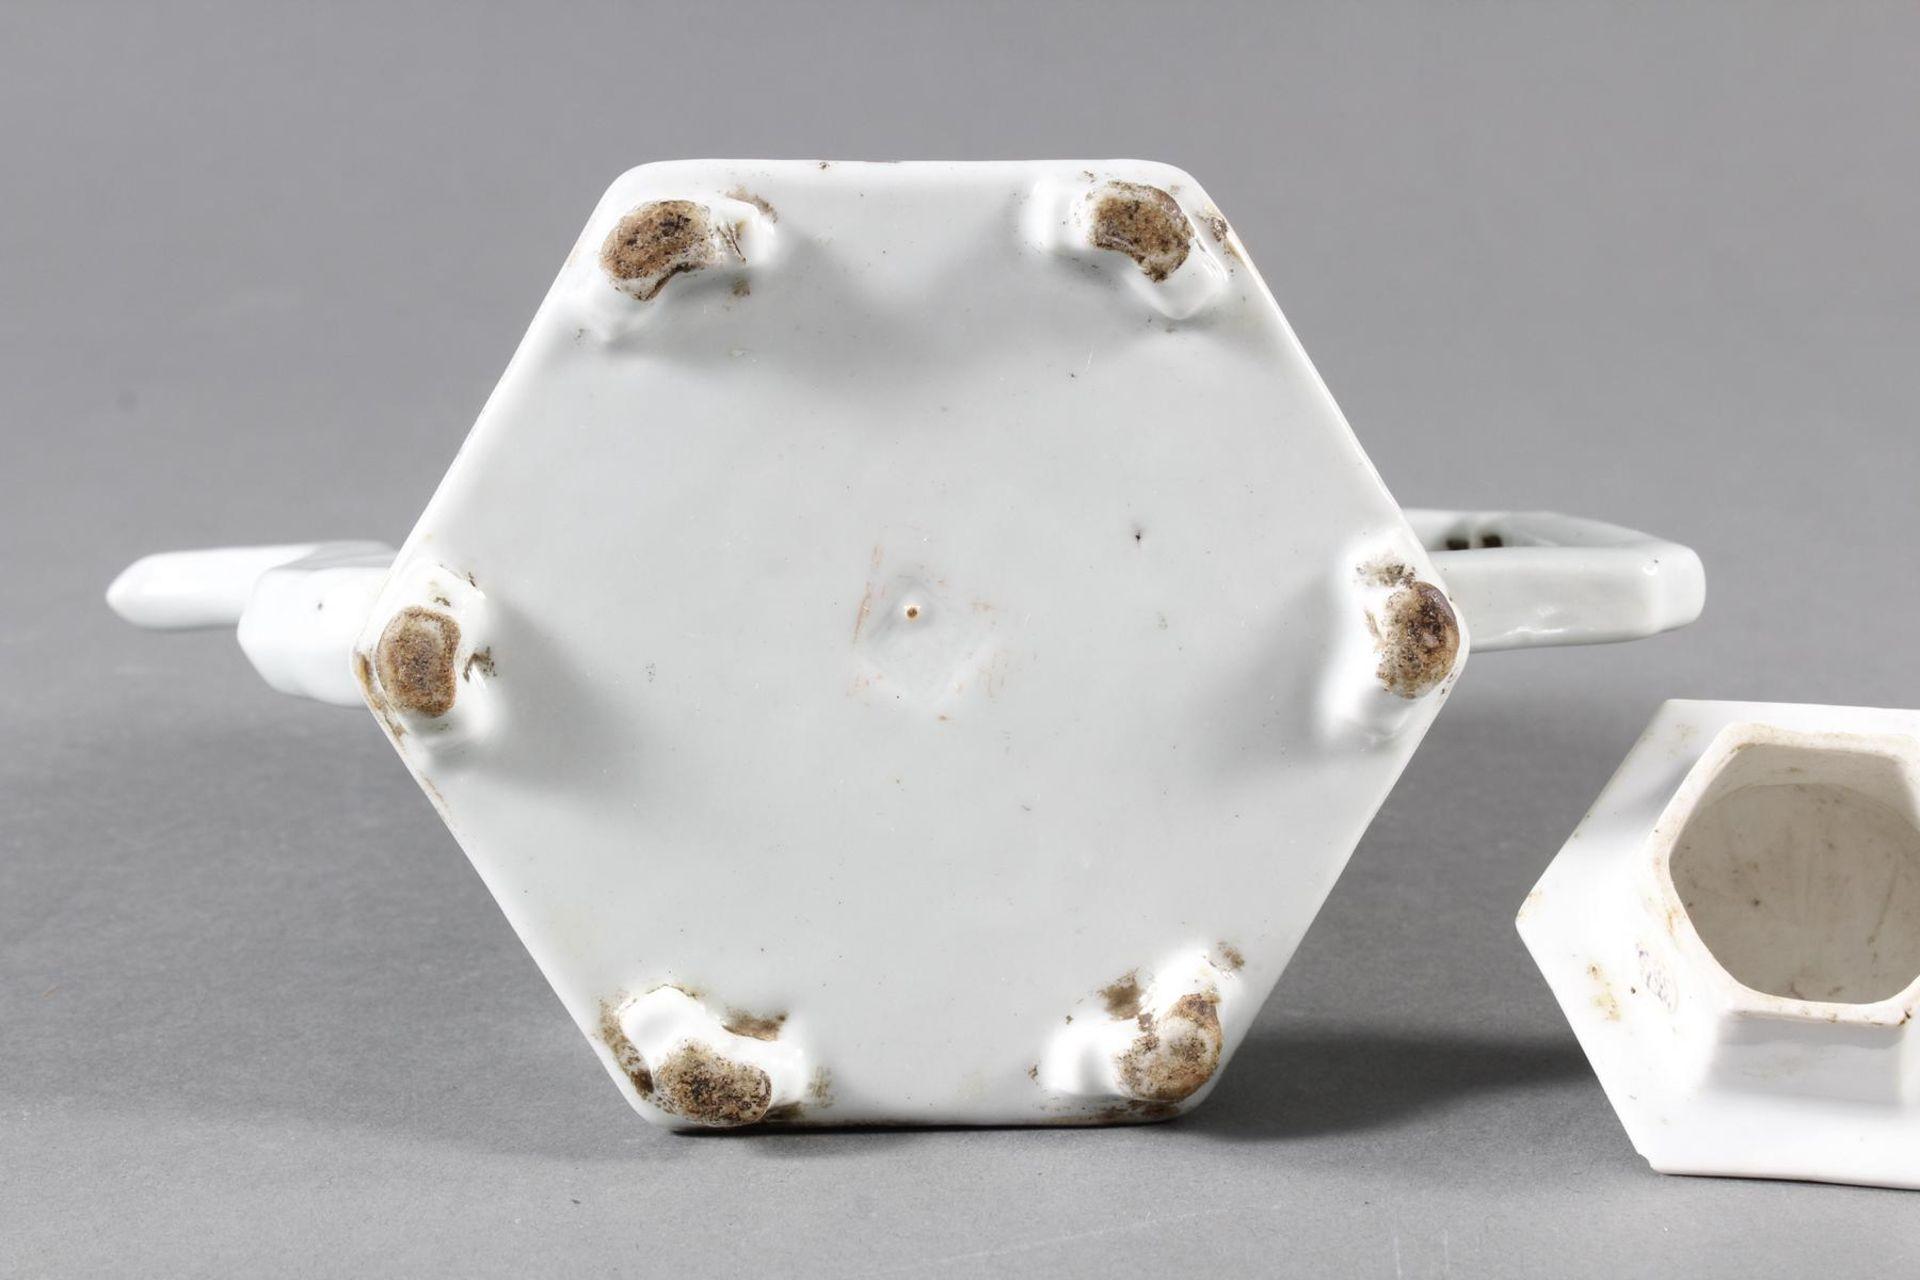 Porzellan Teekann, China, 19. Jahrhundert - Bild 14 aus 15